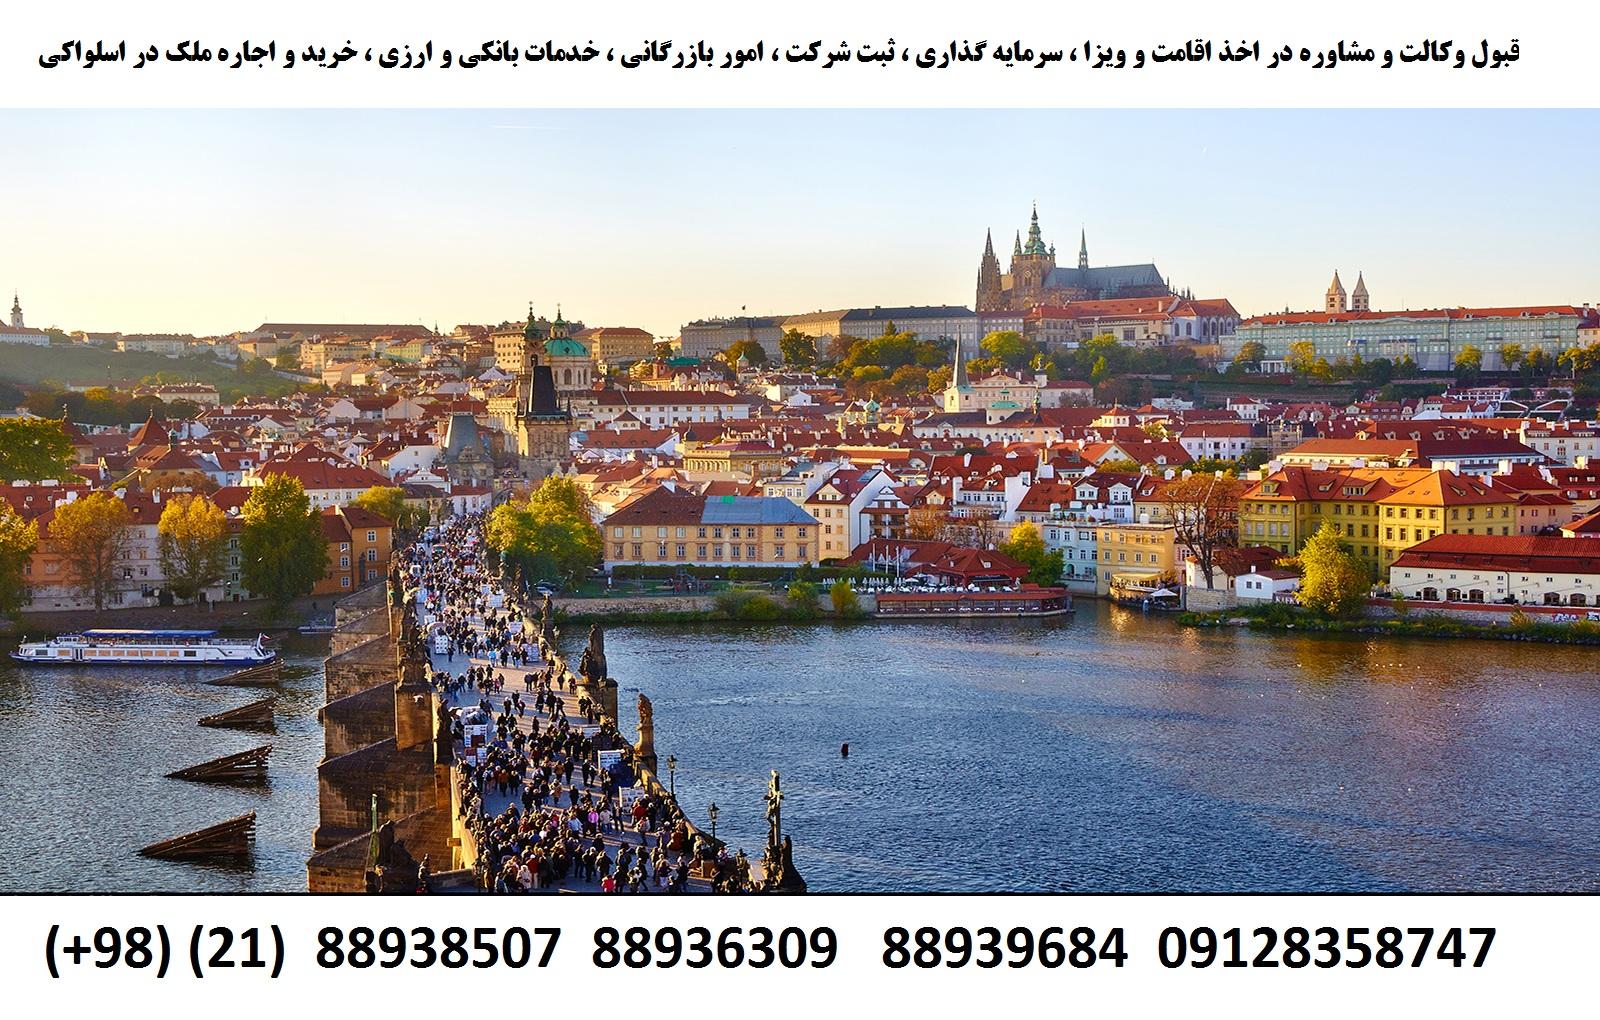 اقامت ، اخذ ویزا ، ثبت شرکت ، سرمایه گذاری در اسلواکی (4)